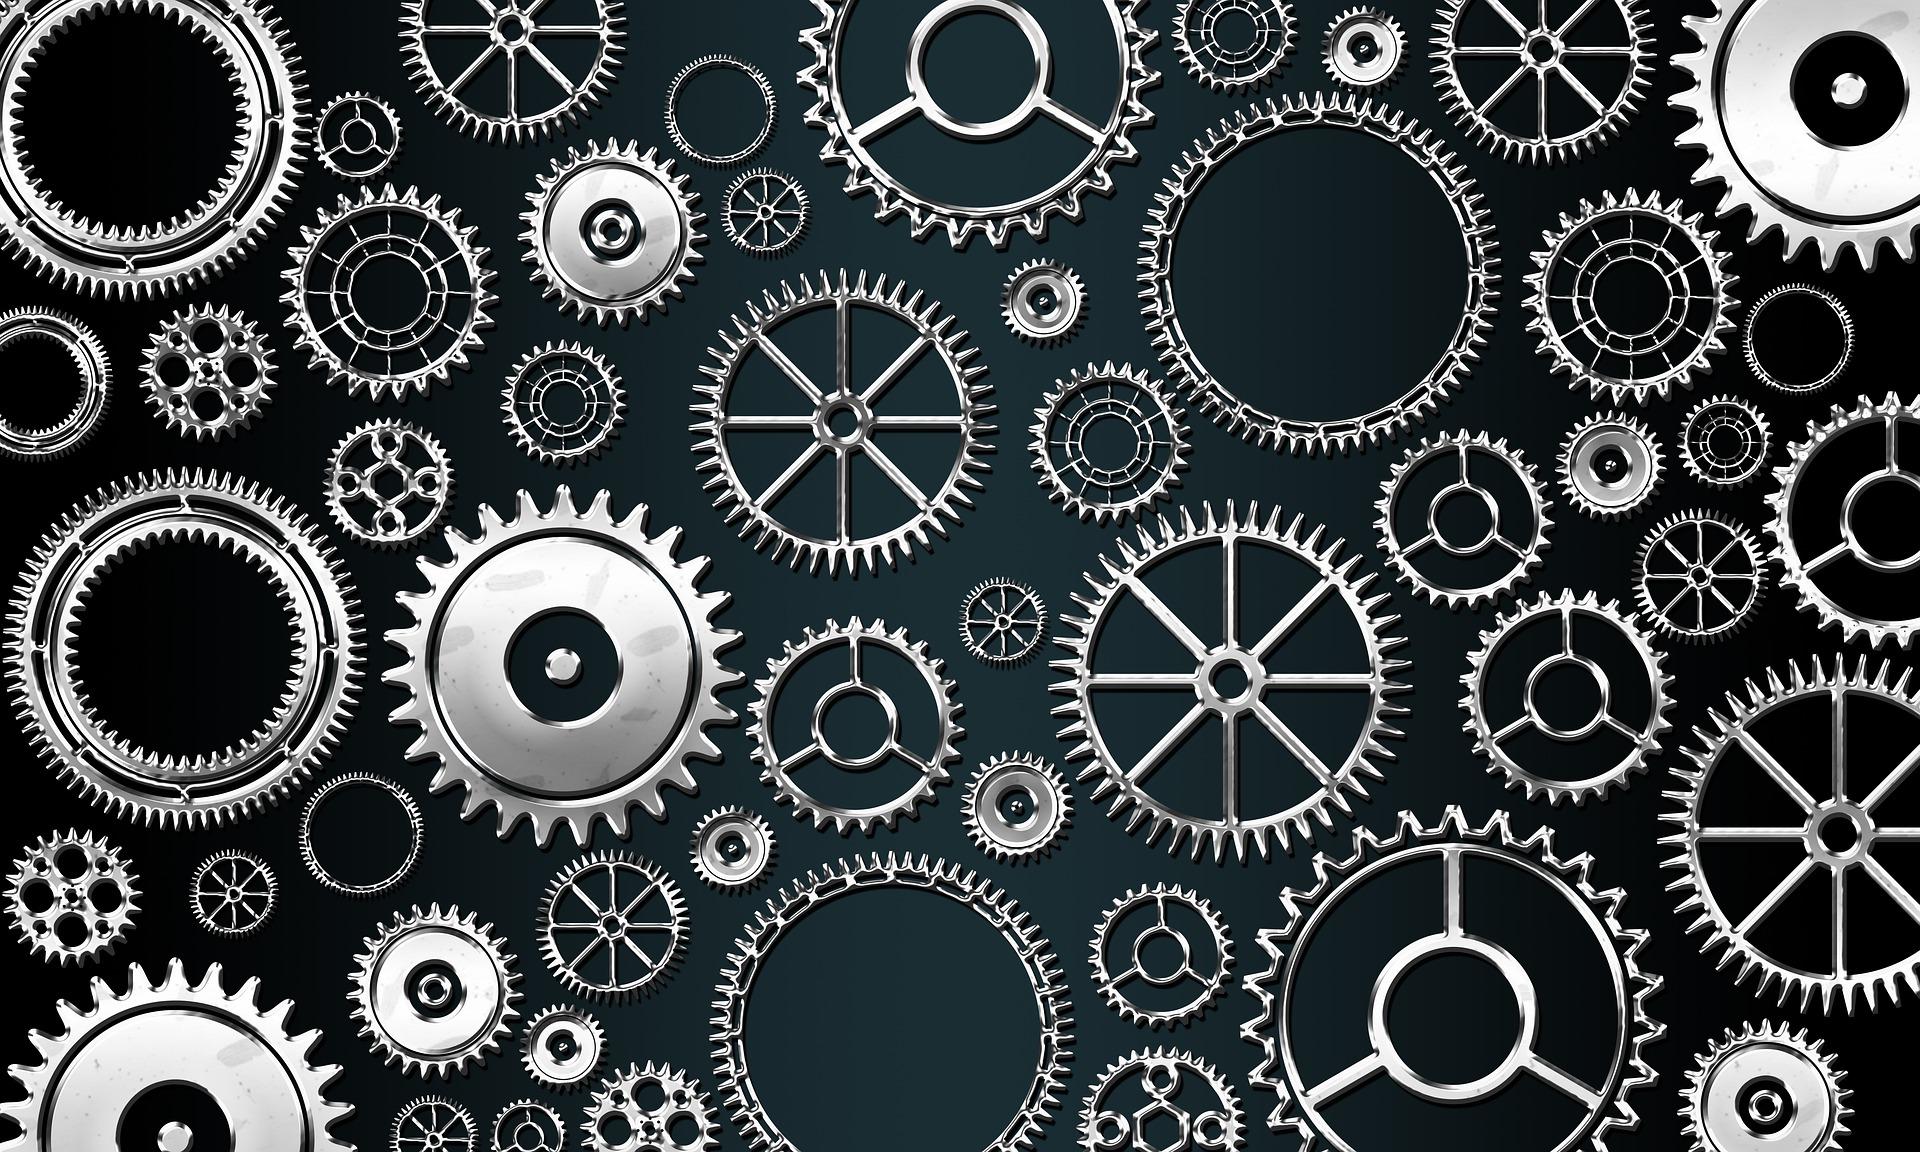 200 milliárd forintos pályázat indul a vállalkozások termelékenységének javítására